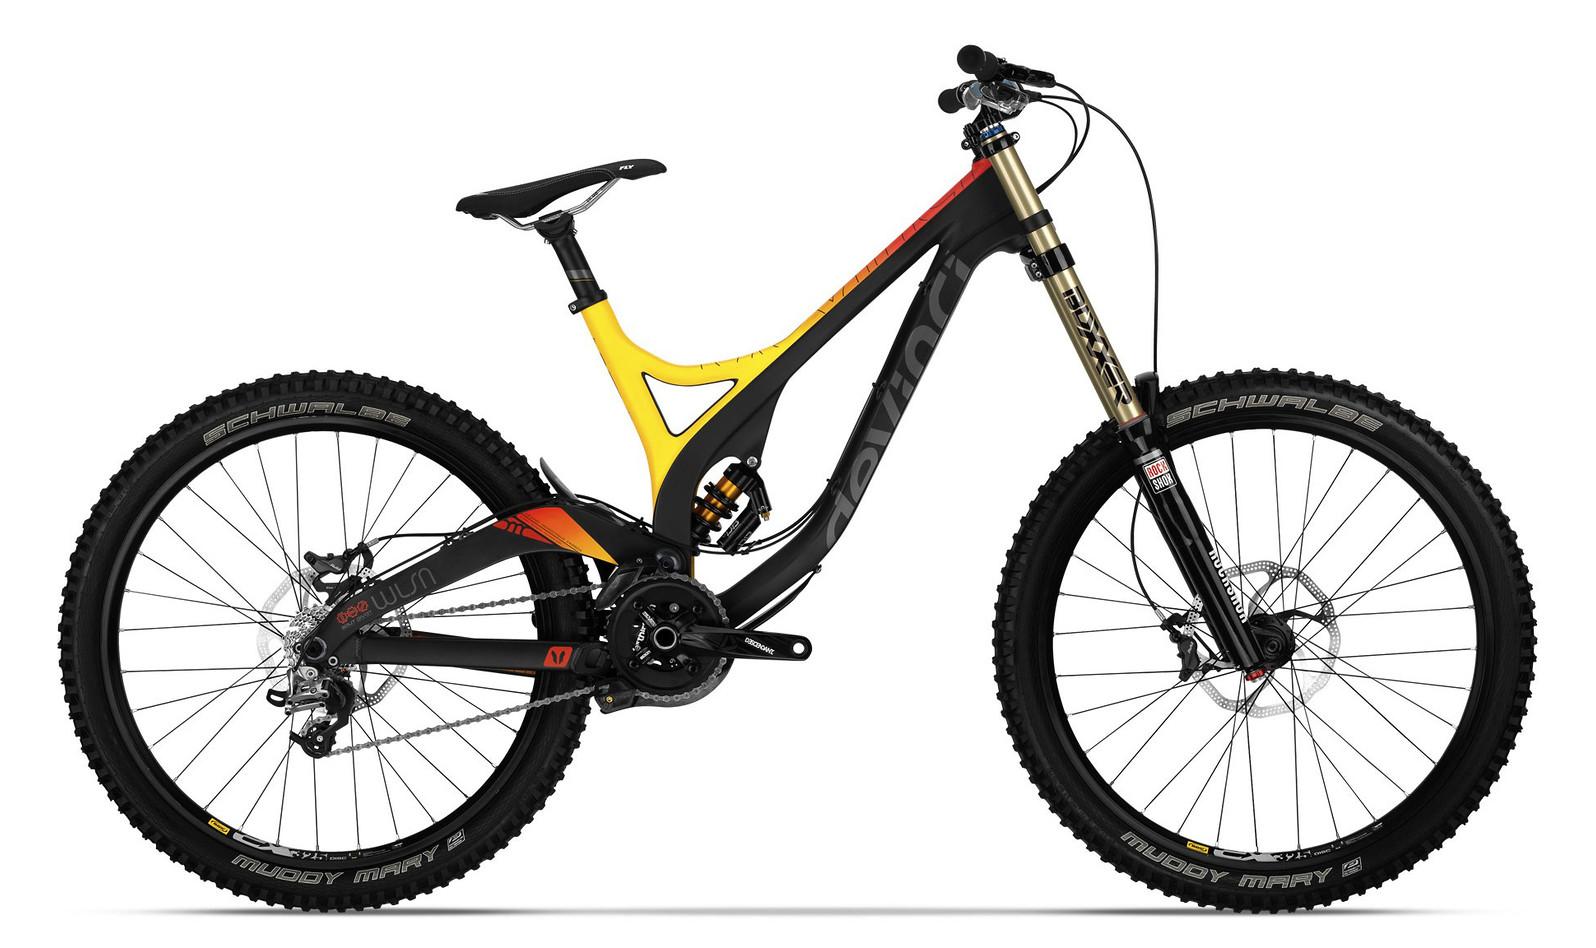 Bike - 2014 Devinci Wilson Carbon RC